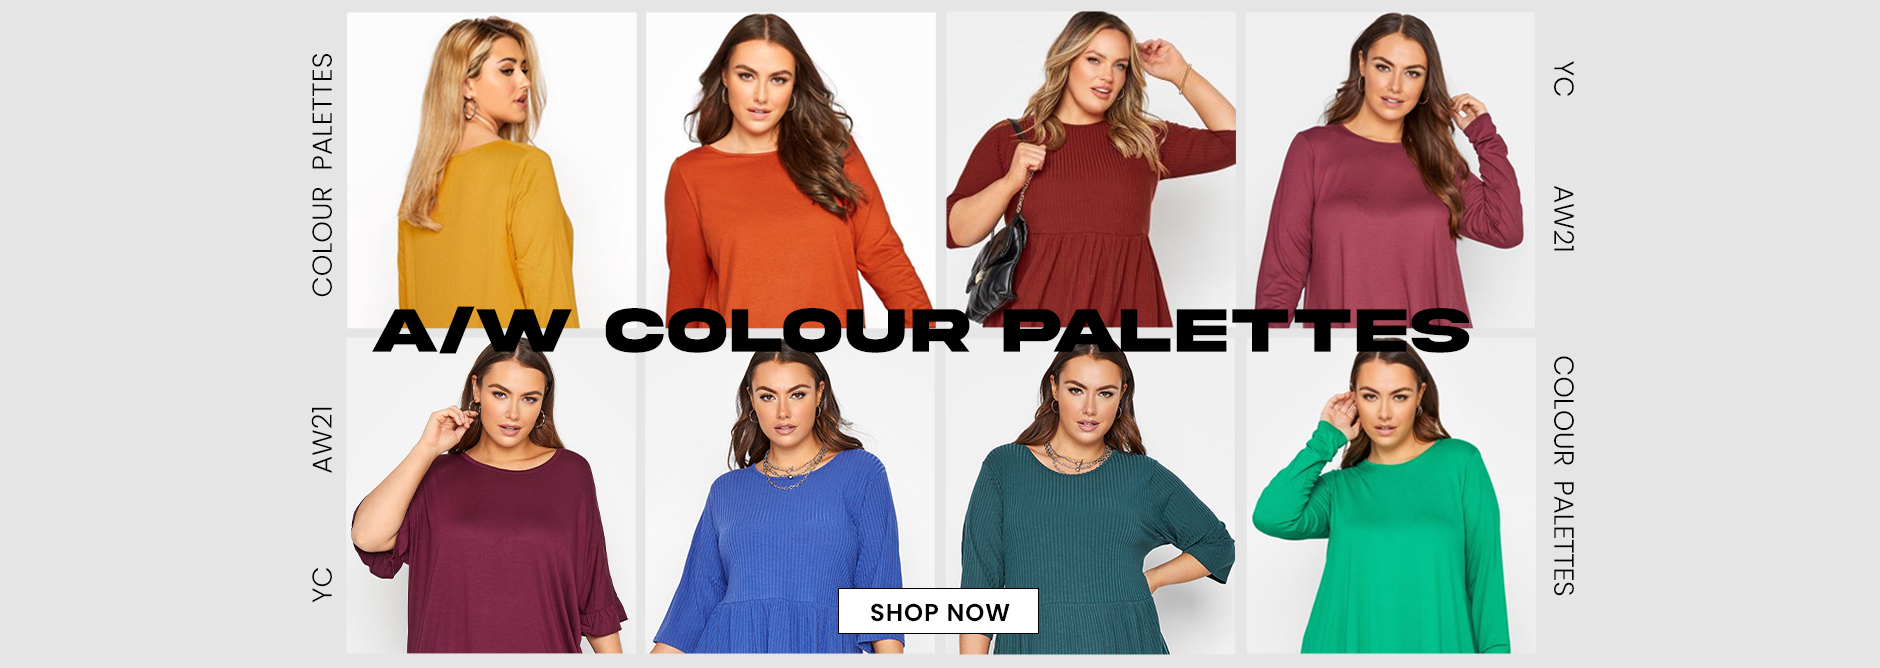 Plus Size A/W Colour Palette